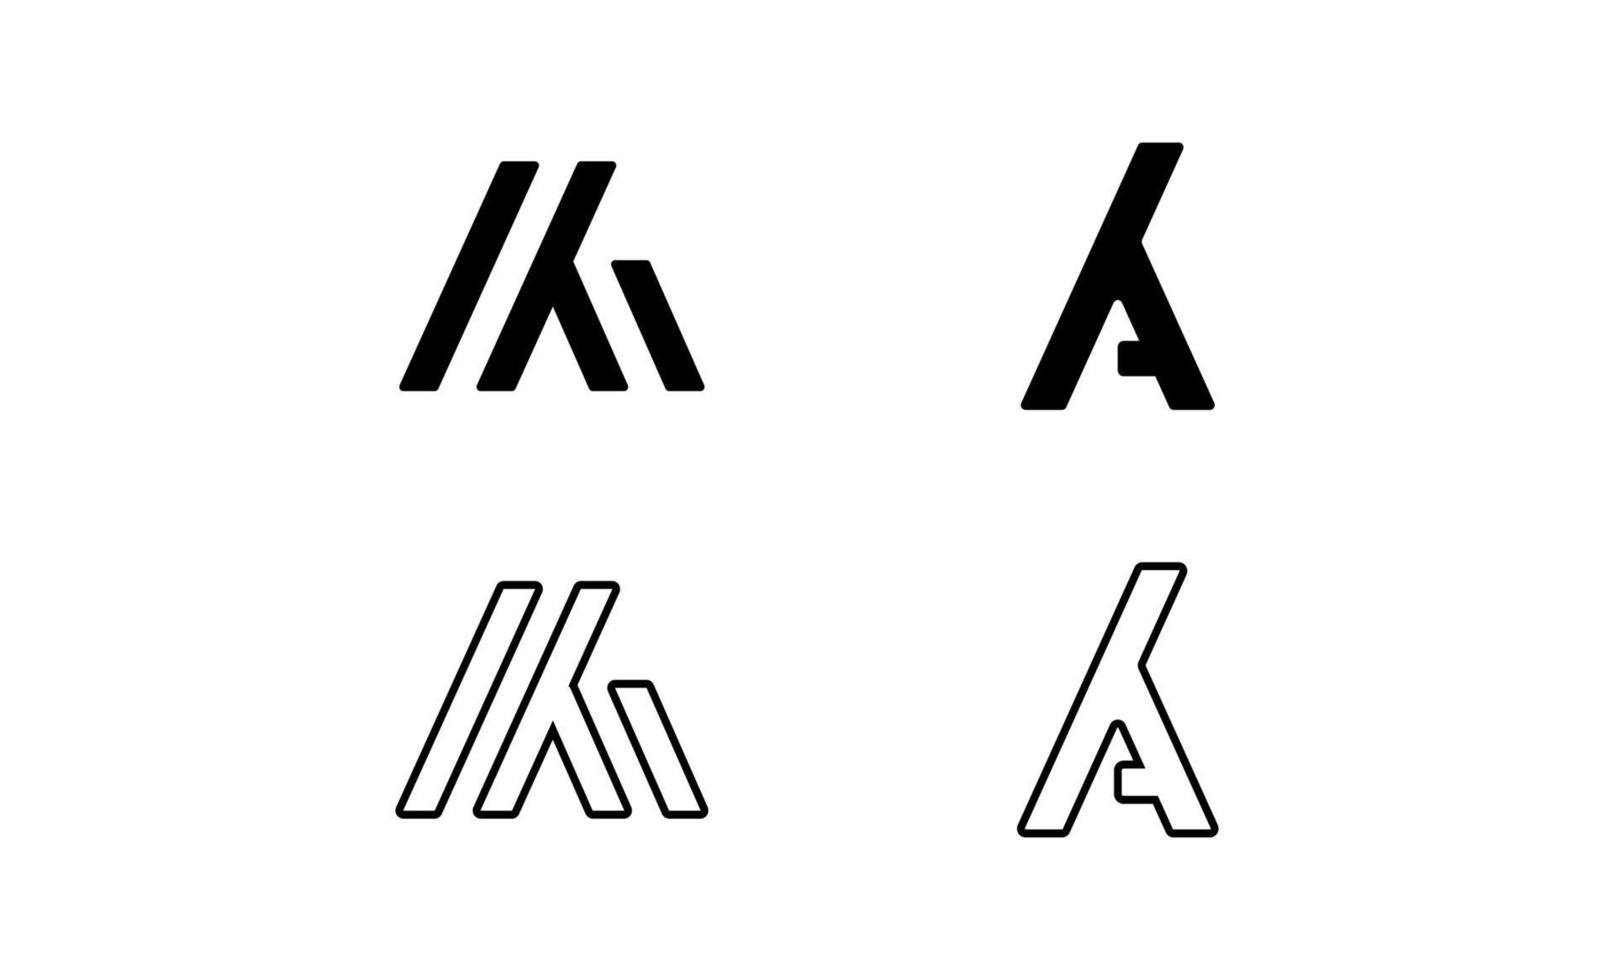 anfänglicher Ka-Logo-Schablonenvektor vektor